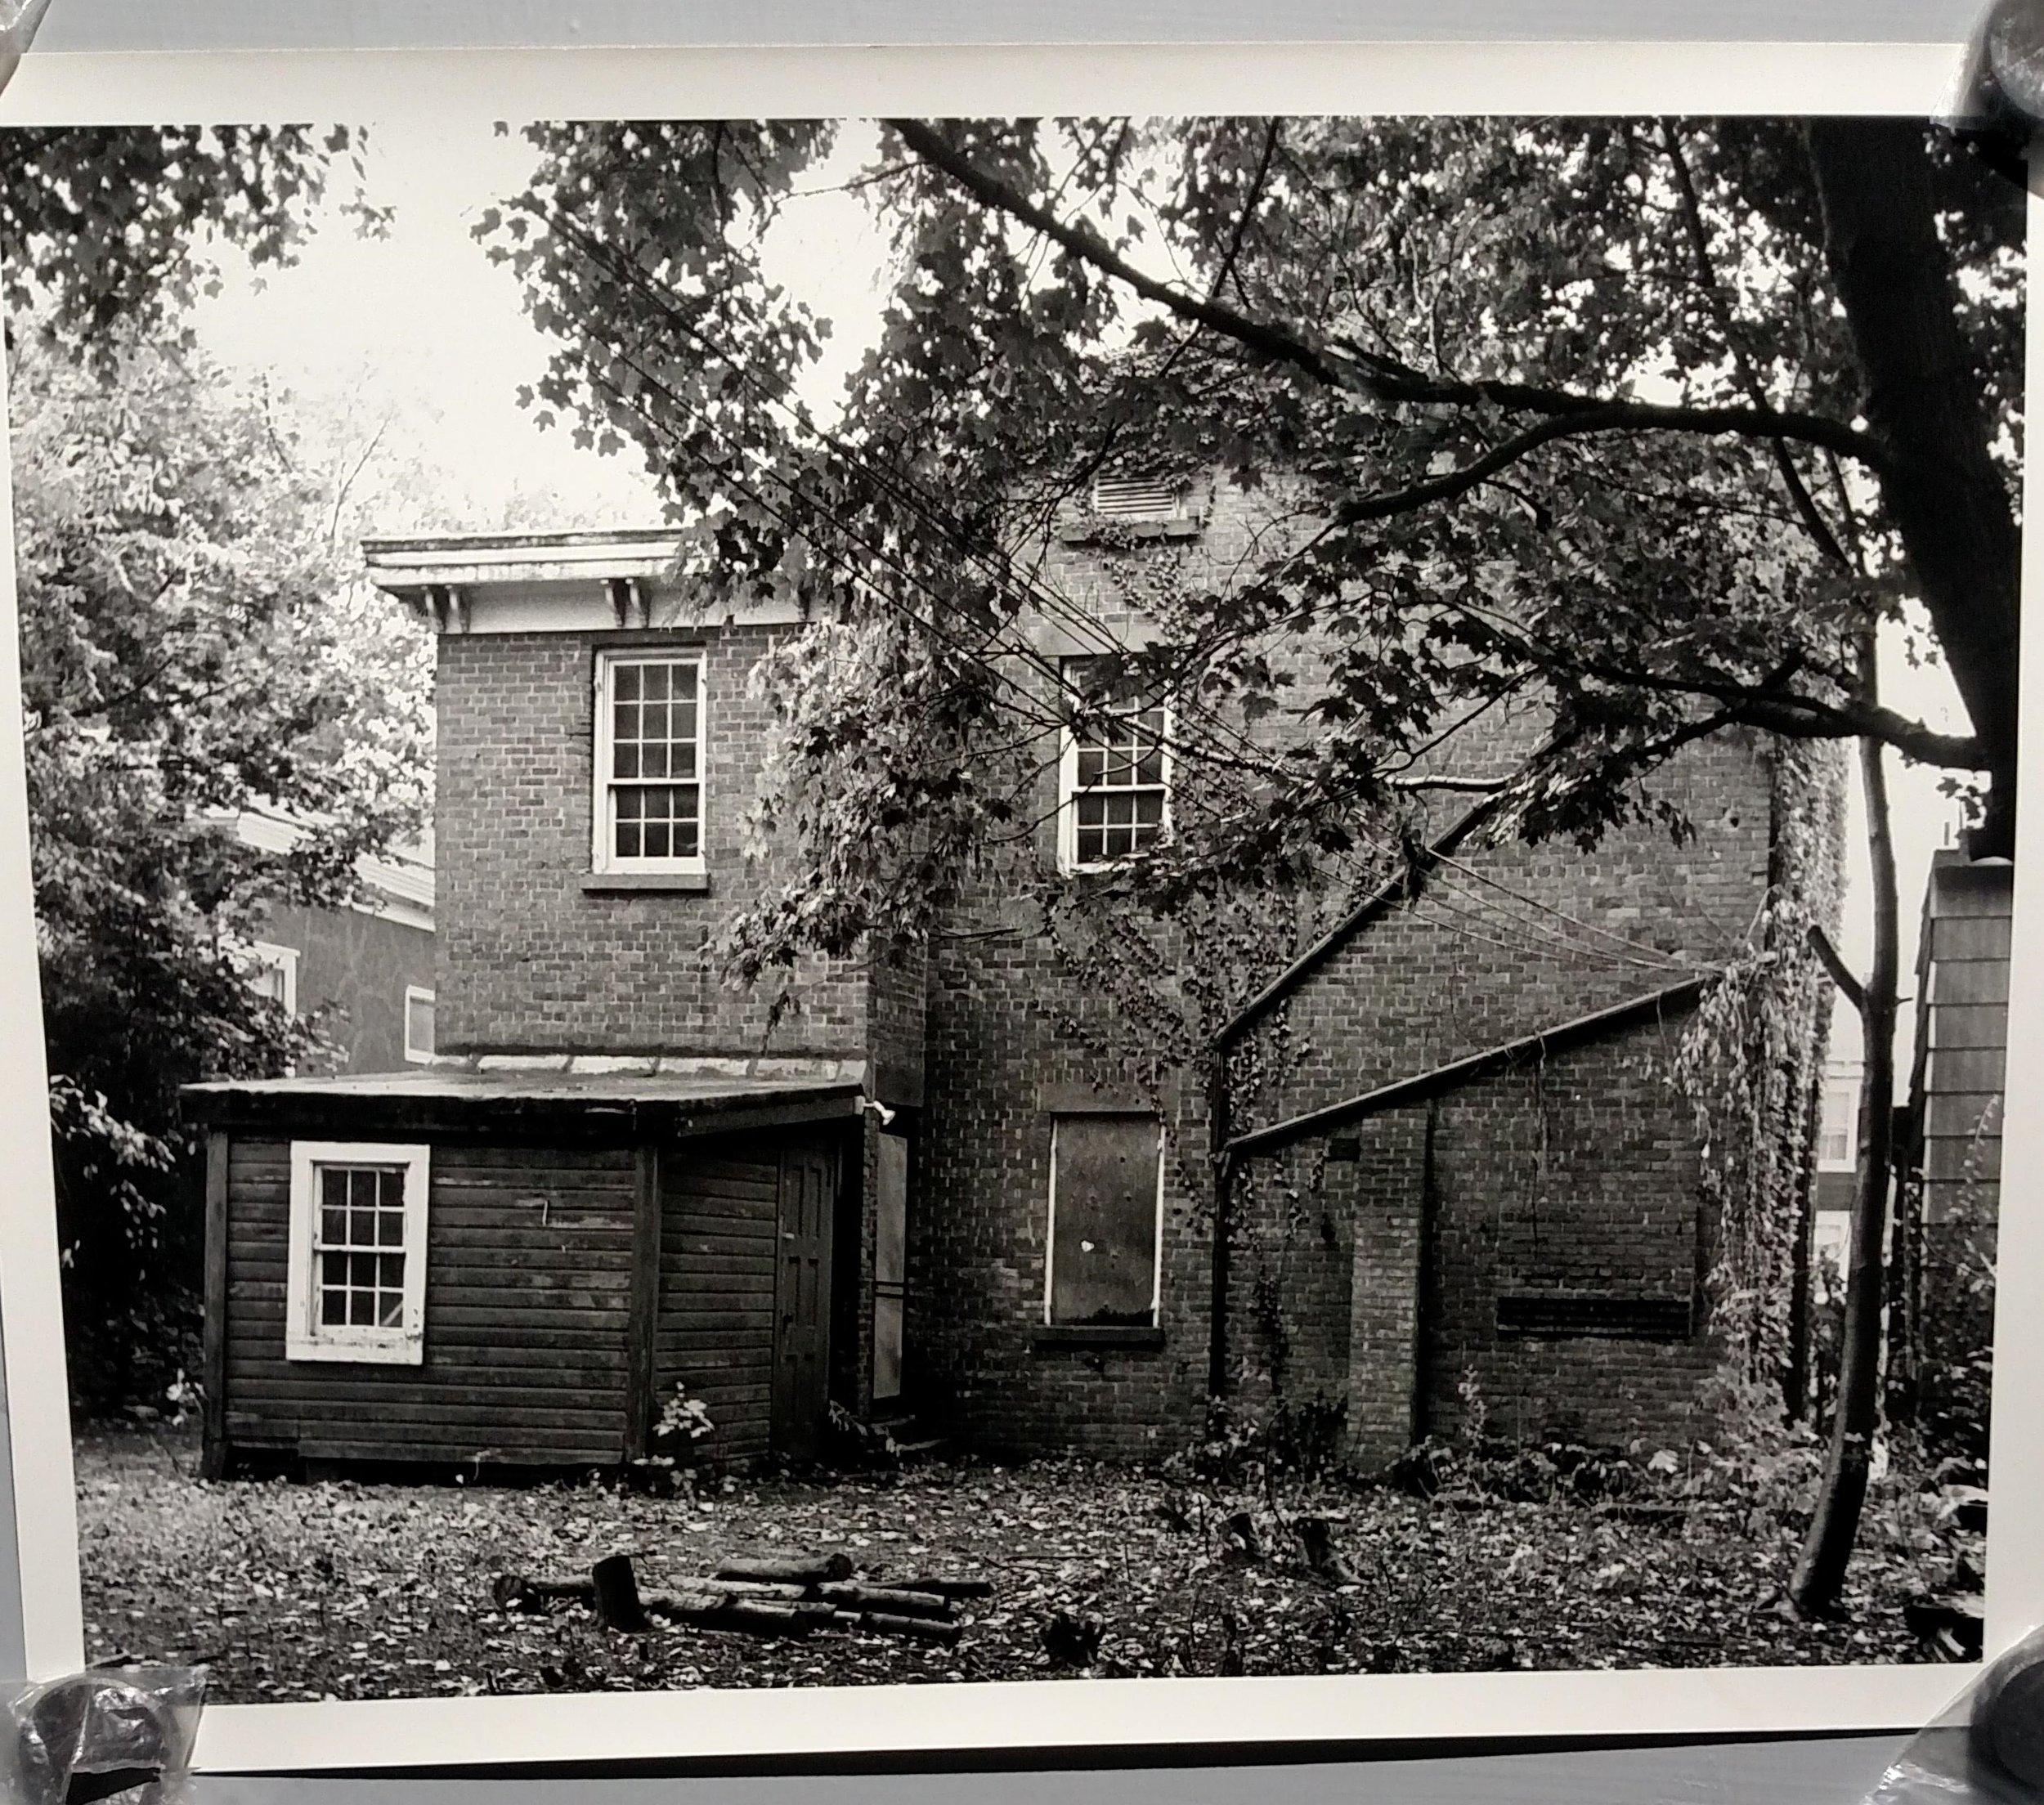 bac backyard 1974.jpg